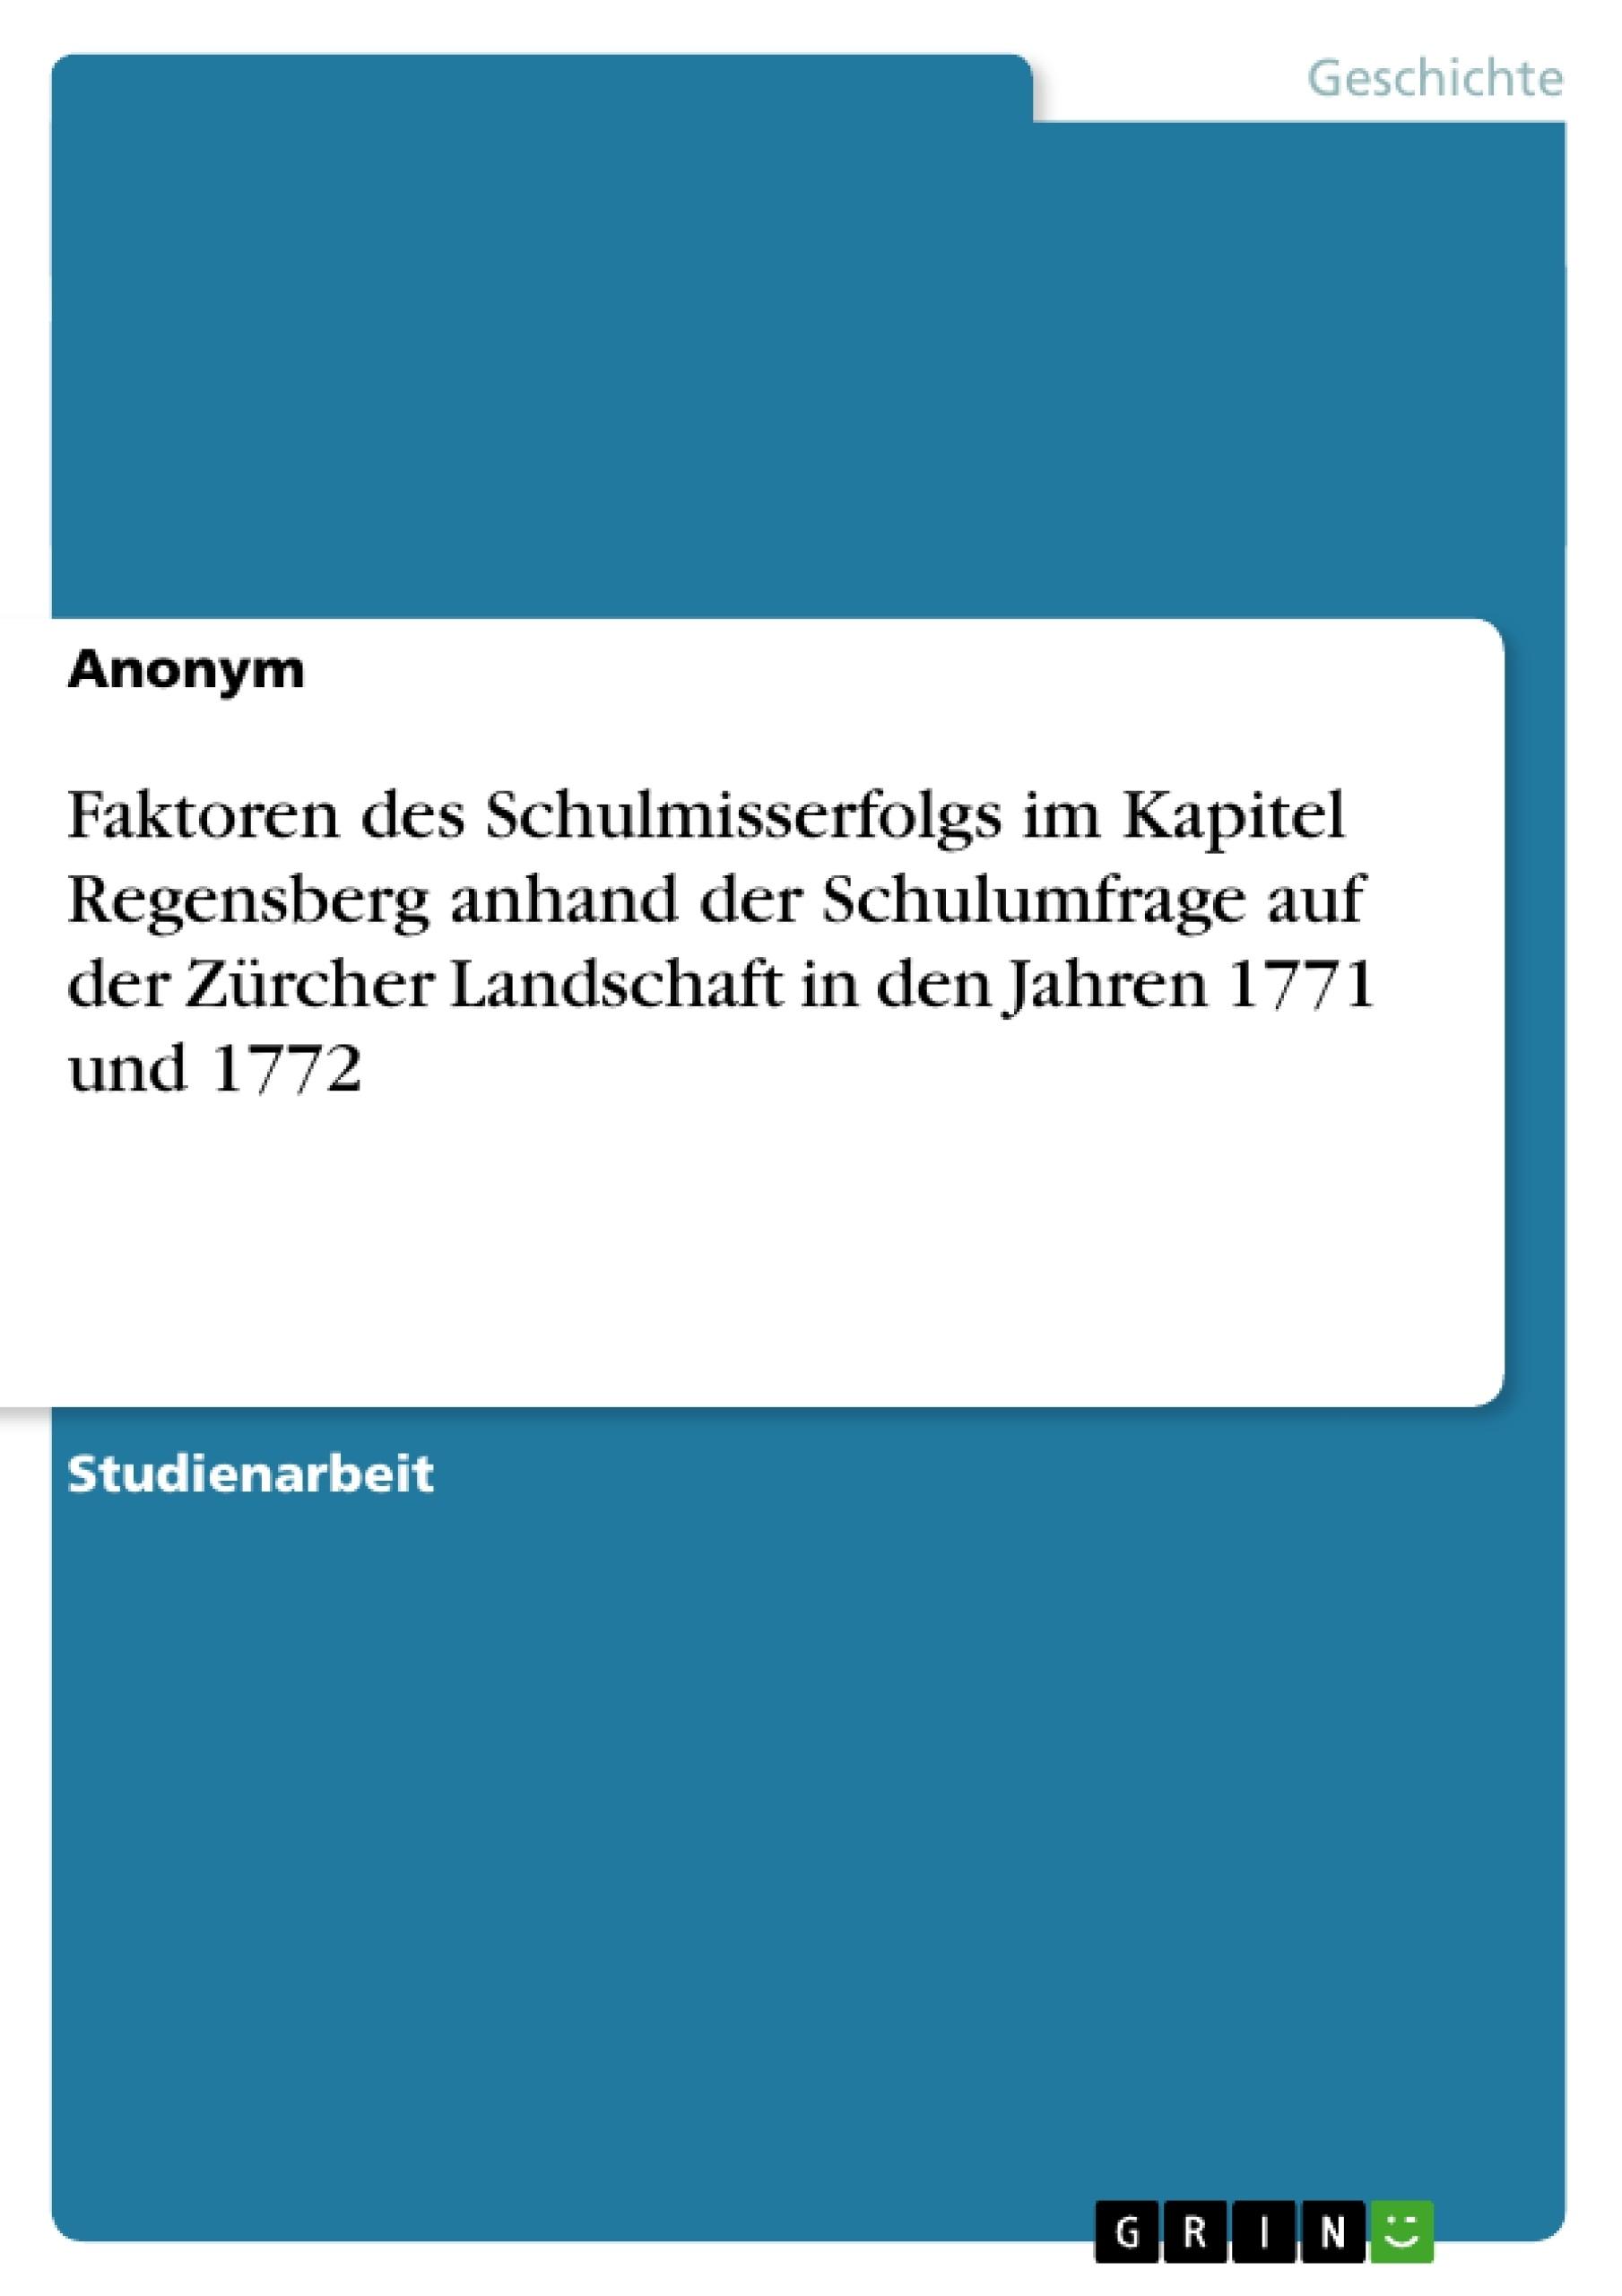 Titel: Faktoren des Schulmisserfolgs im Kapitel Regensberg anhand der Schulumfrage auf der Zürcher Landschaft in den Jahren 1771 und 1772